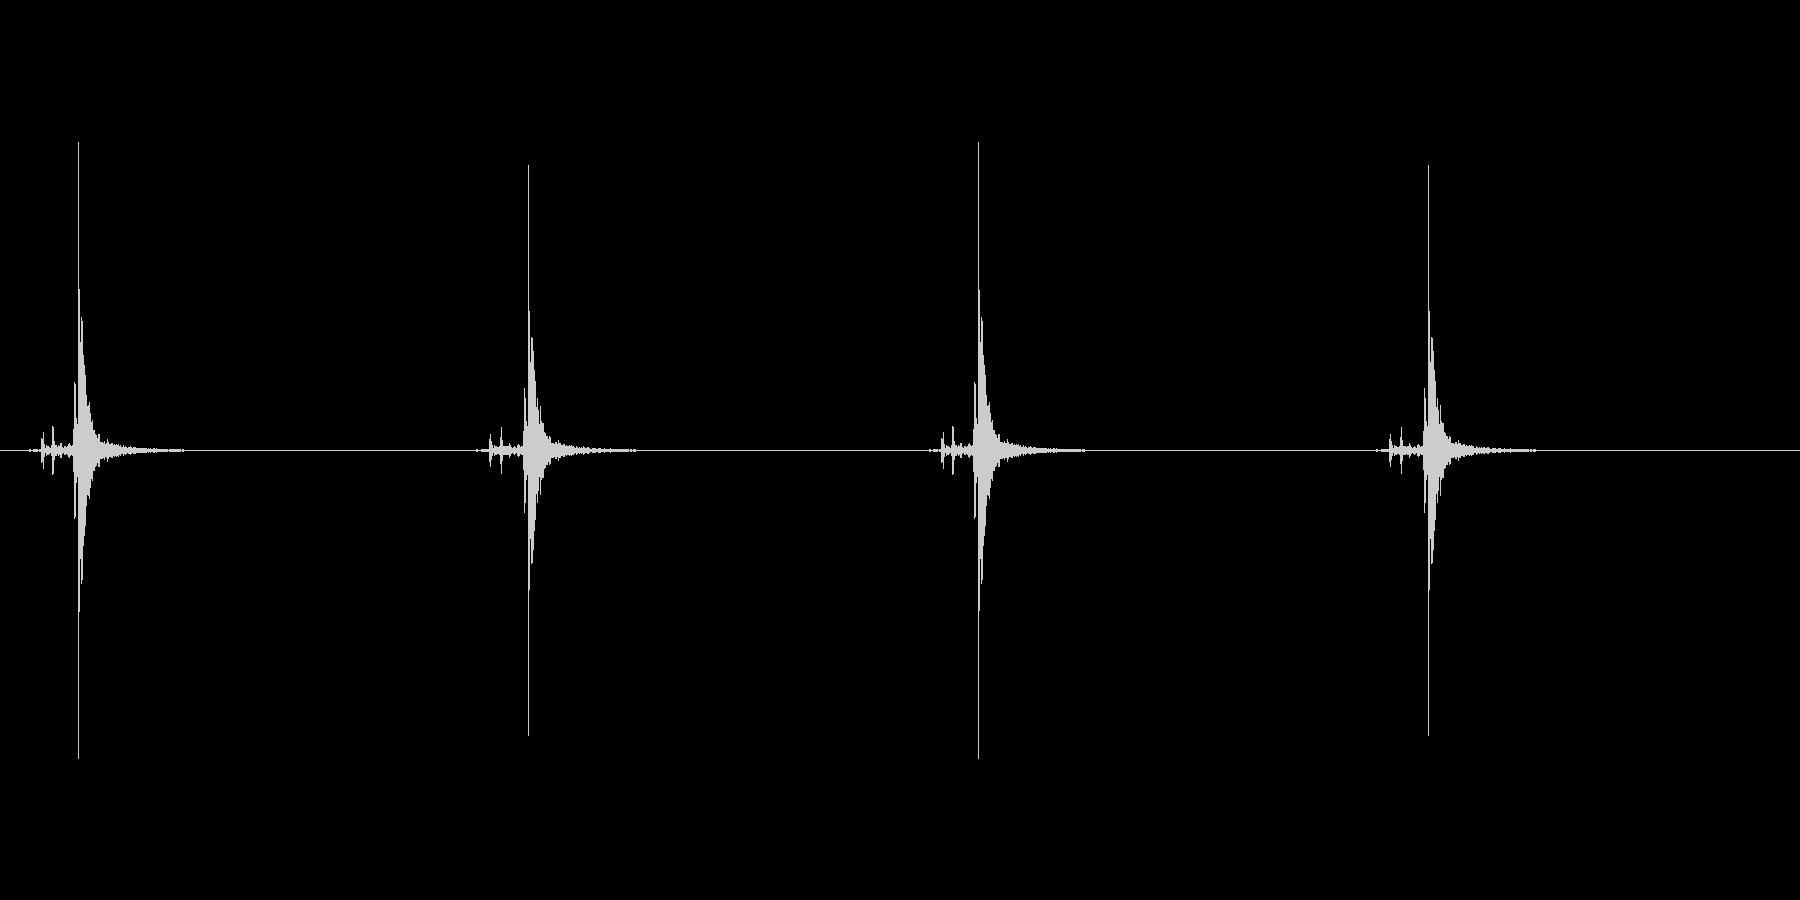 時計の秒針の音 1C の未再生の波形